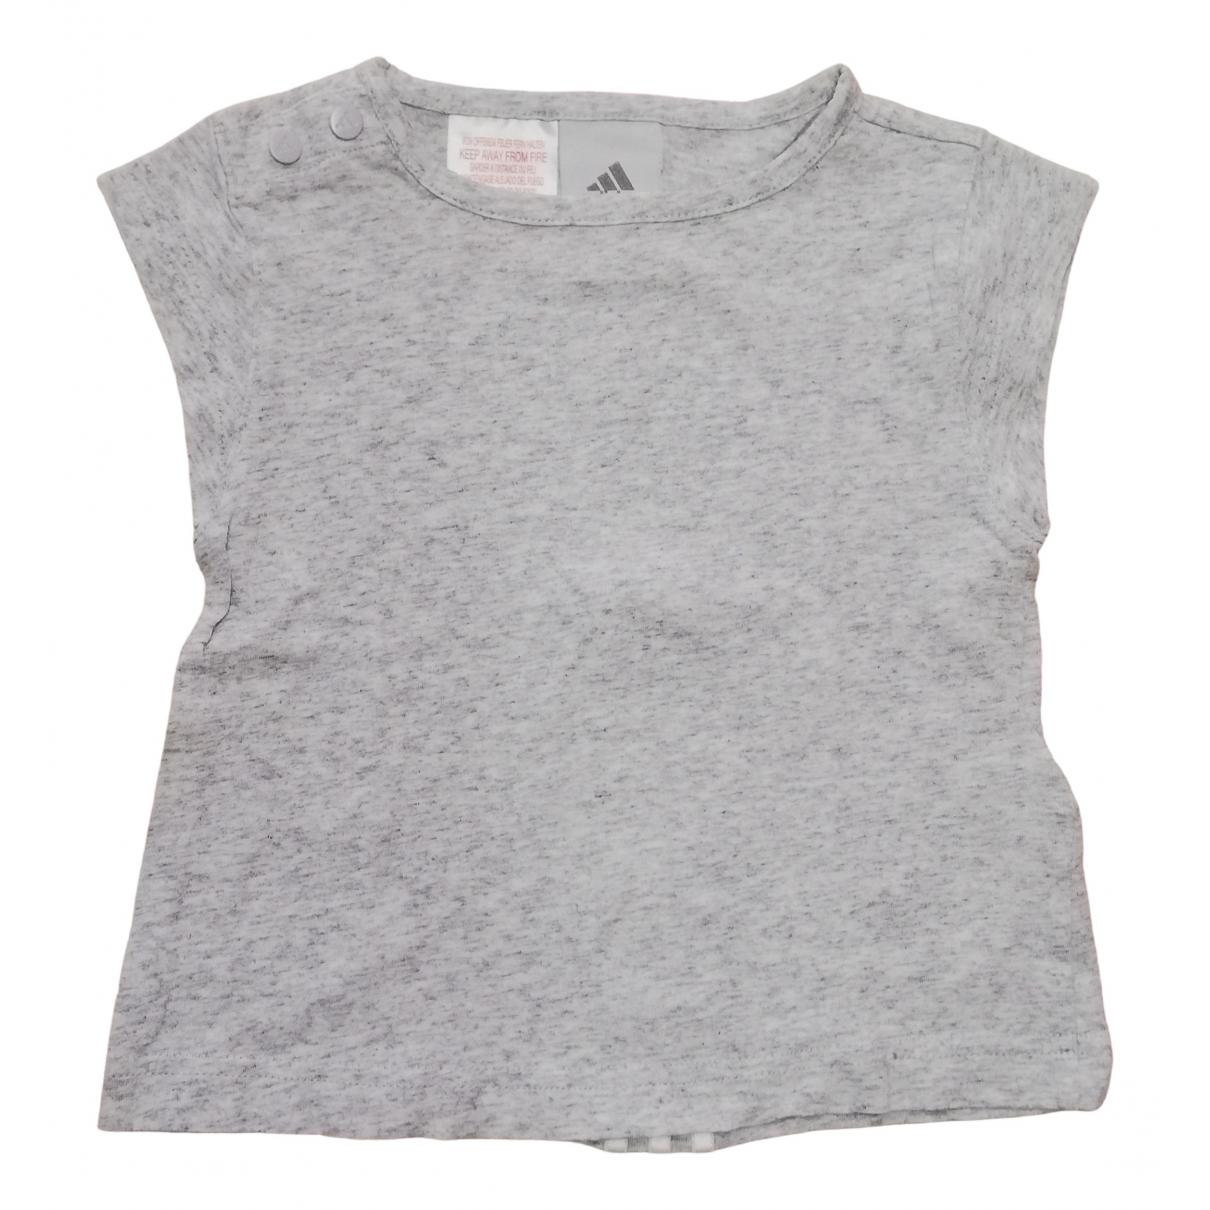 Adidas - Top   pour enfant en coton - gris